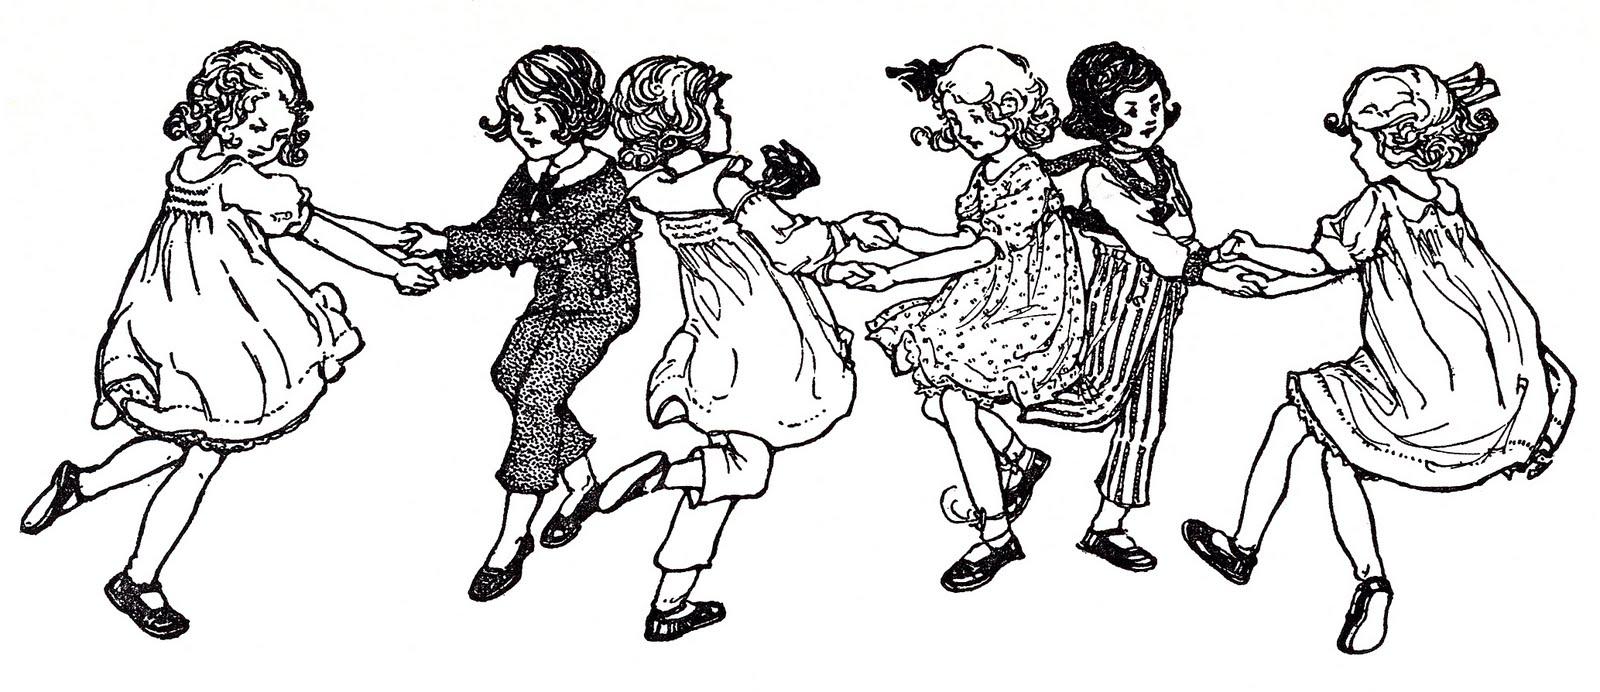 Medieval clipart dancing Swedish Dancing Dancing Swedish Song